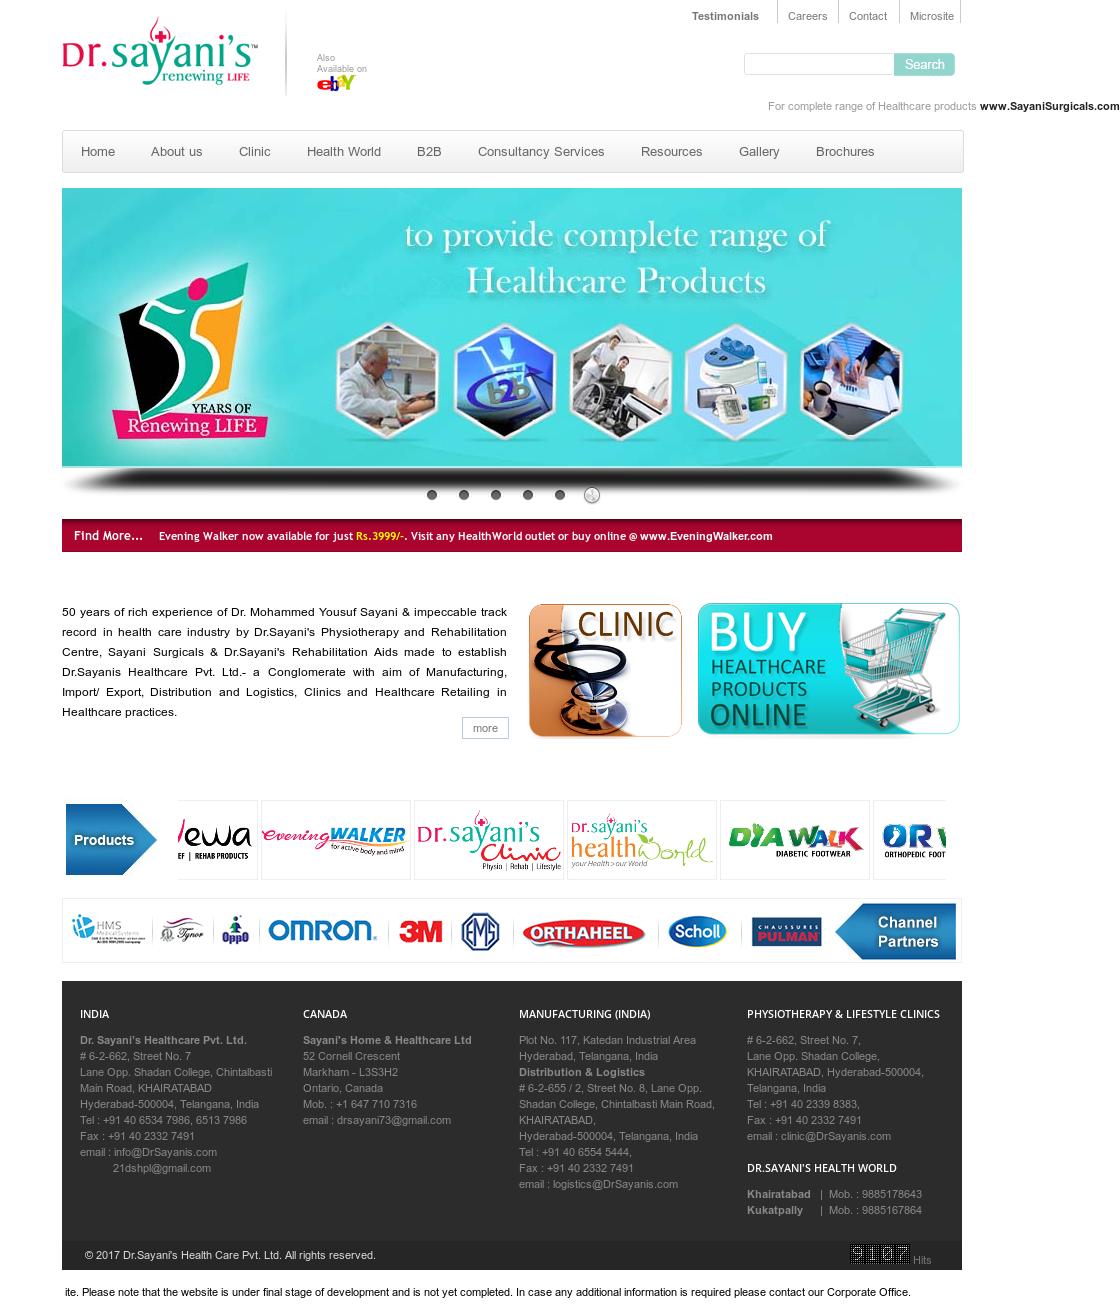 3m healthcare competitors